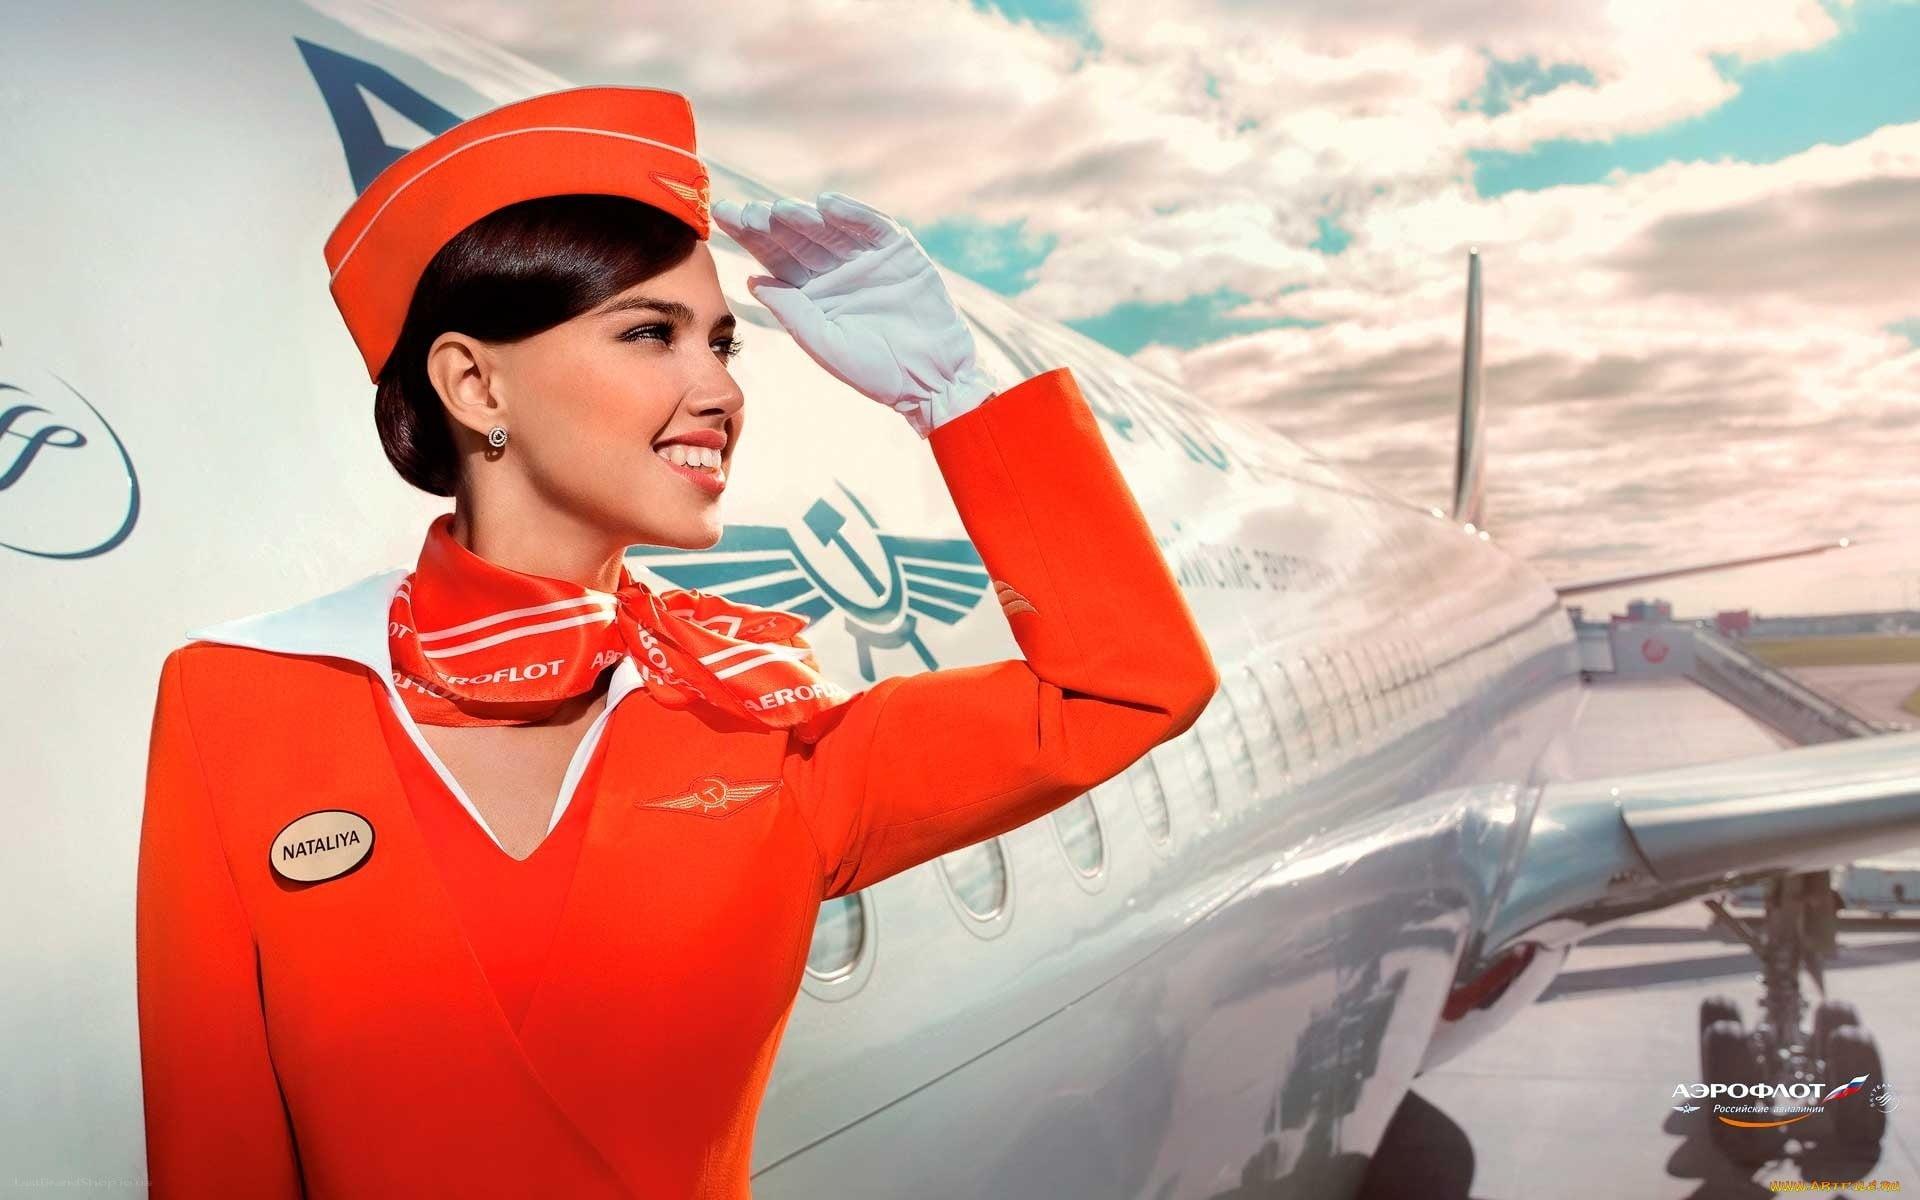 В самолете со стюардессой Порно видео онлайн бесплатно